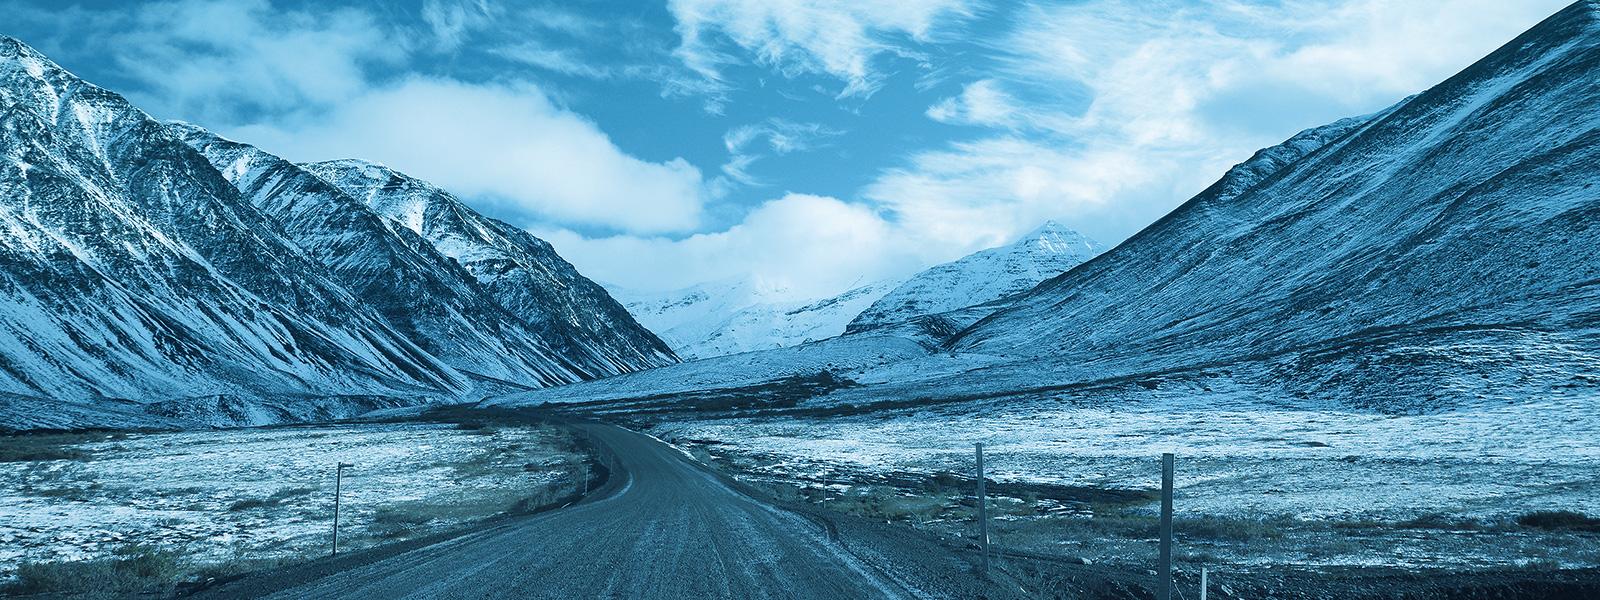 estradas-mais-perigosas-mundo-rodovia-james-w-dalton-blog-ceabs